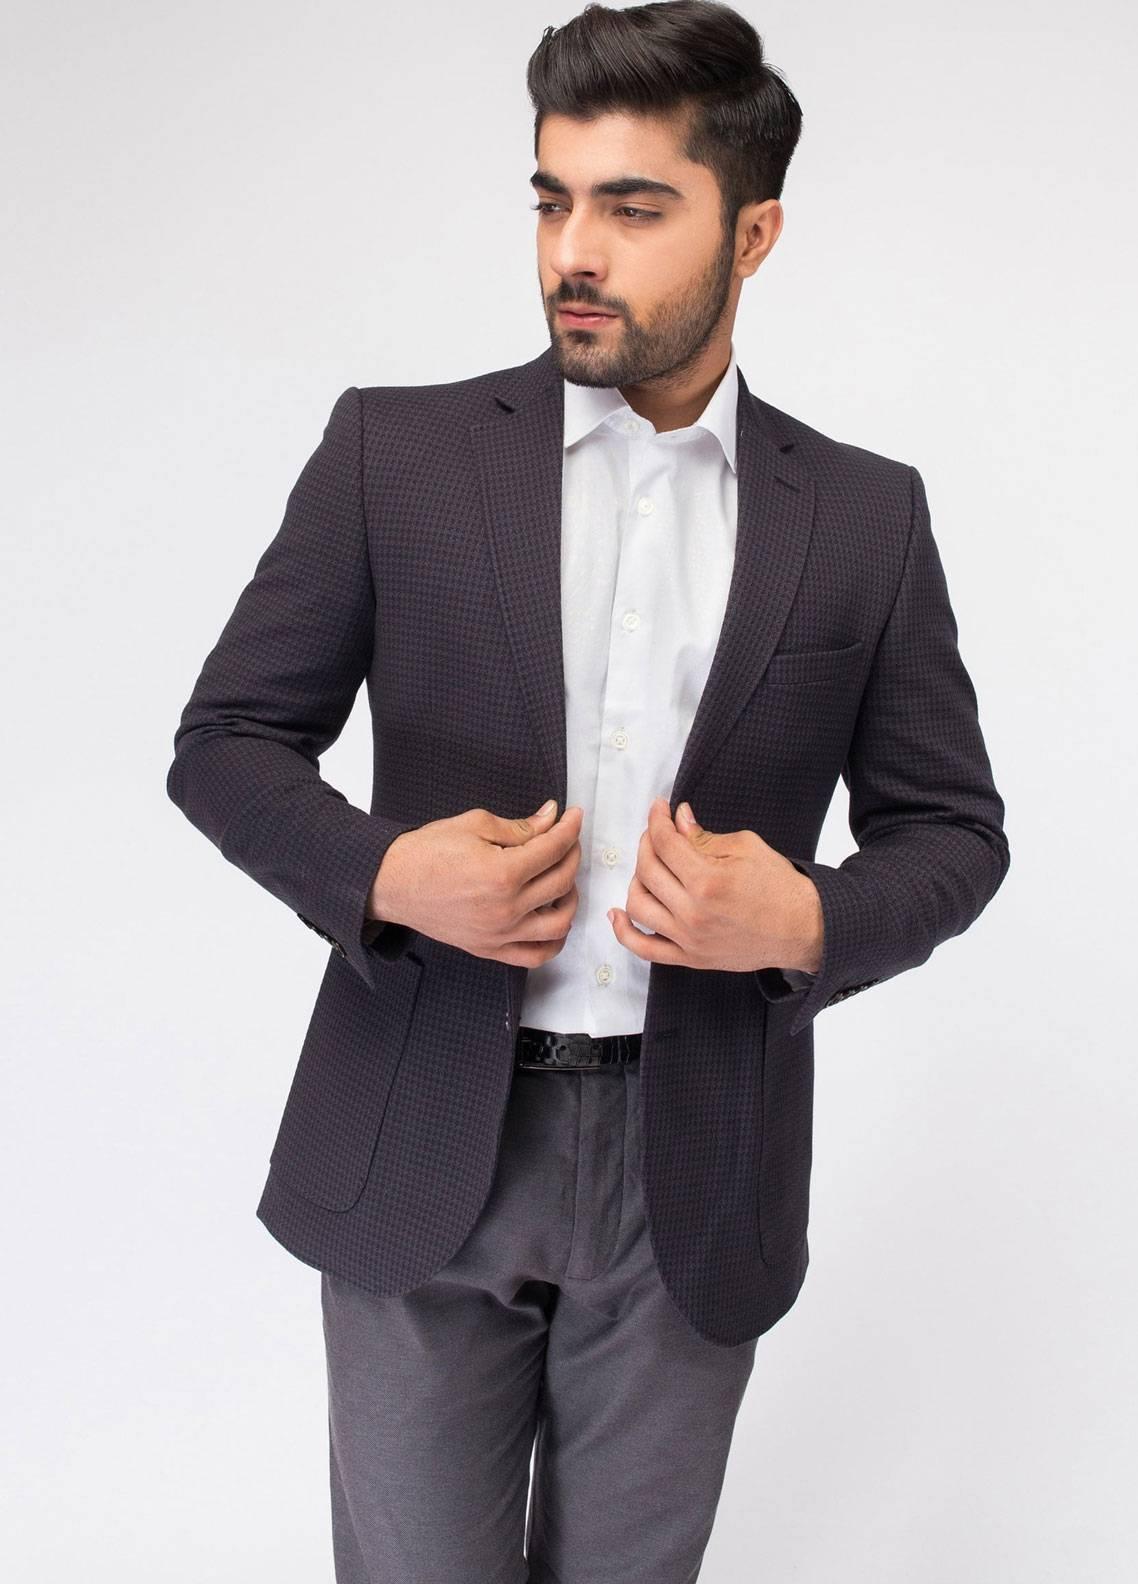 Brumano Cotton Casual Blazer for Men - Grey BLZ-507